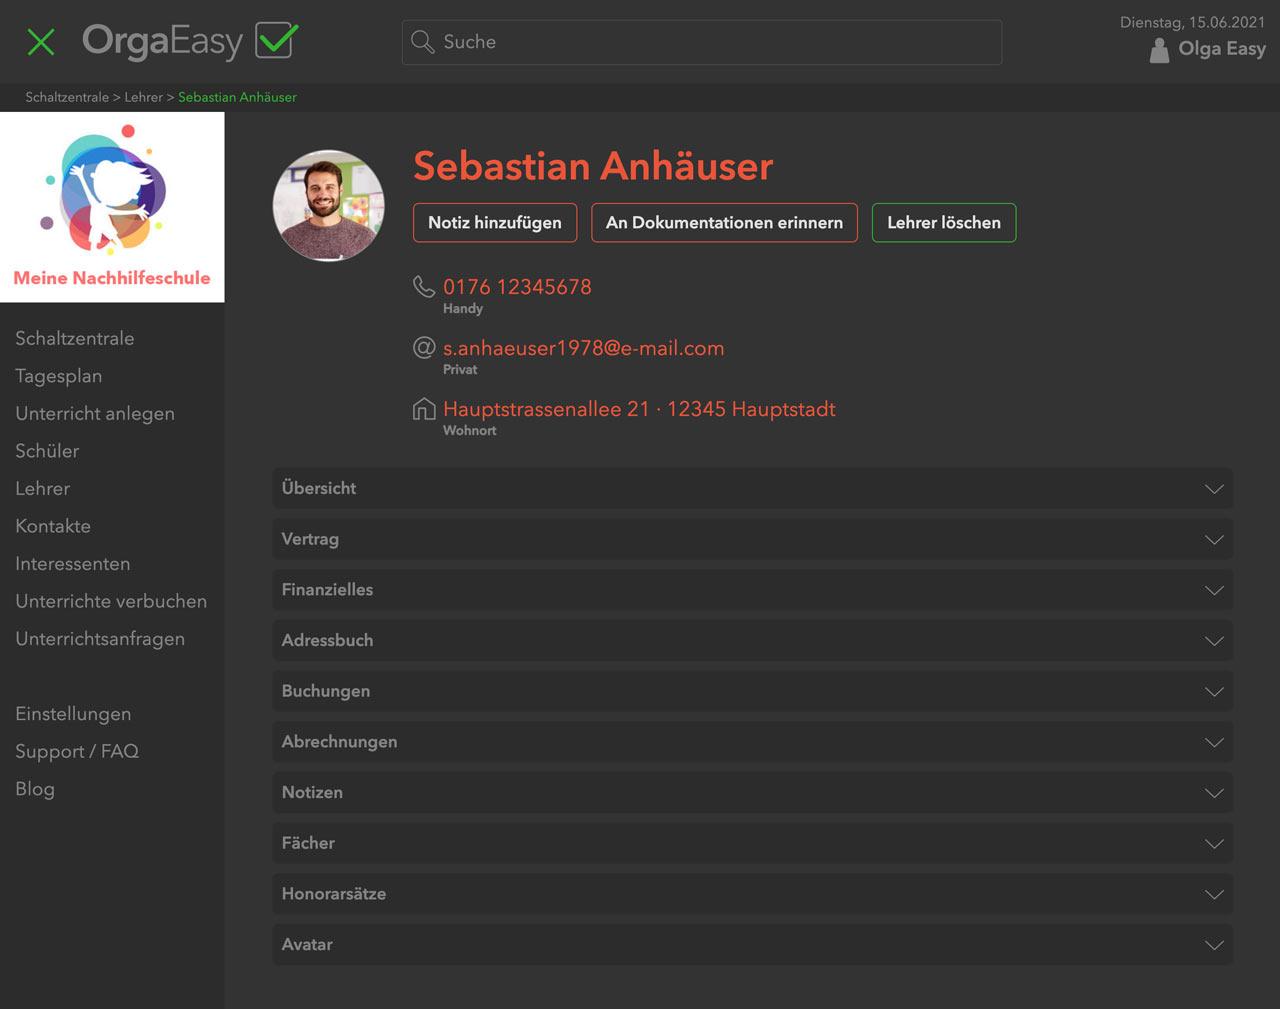 OrgaEasy – Lehrer Verwaltung - Übersicht - Verwaltungssoftware Nachhilfeschulen